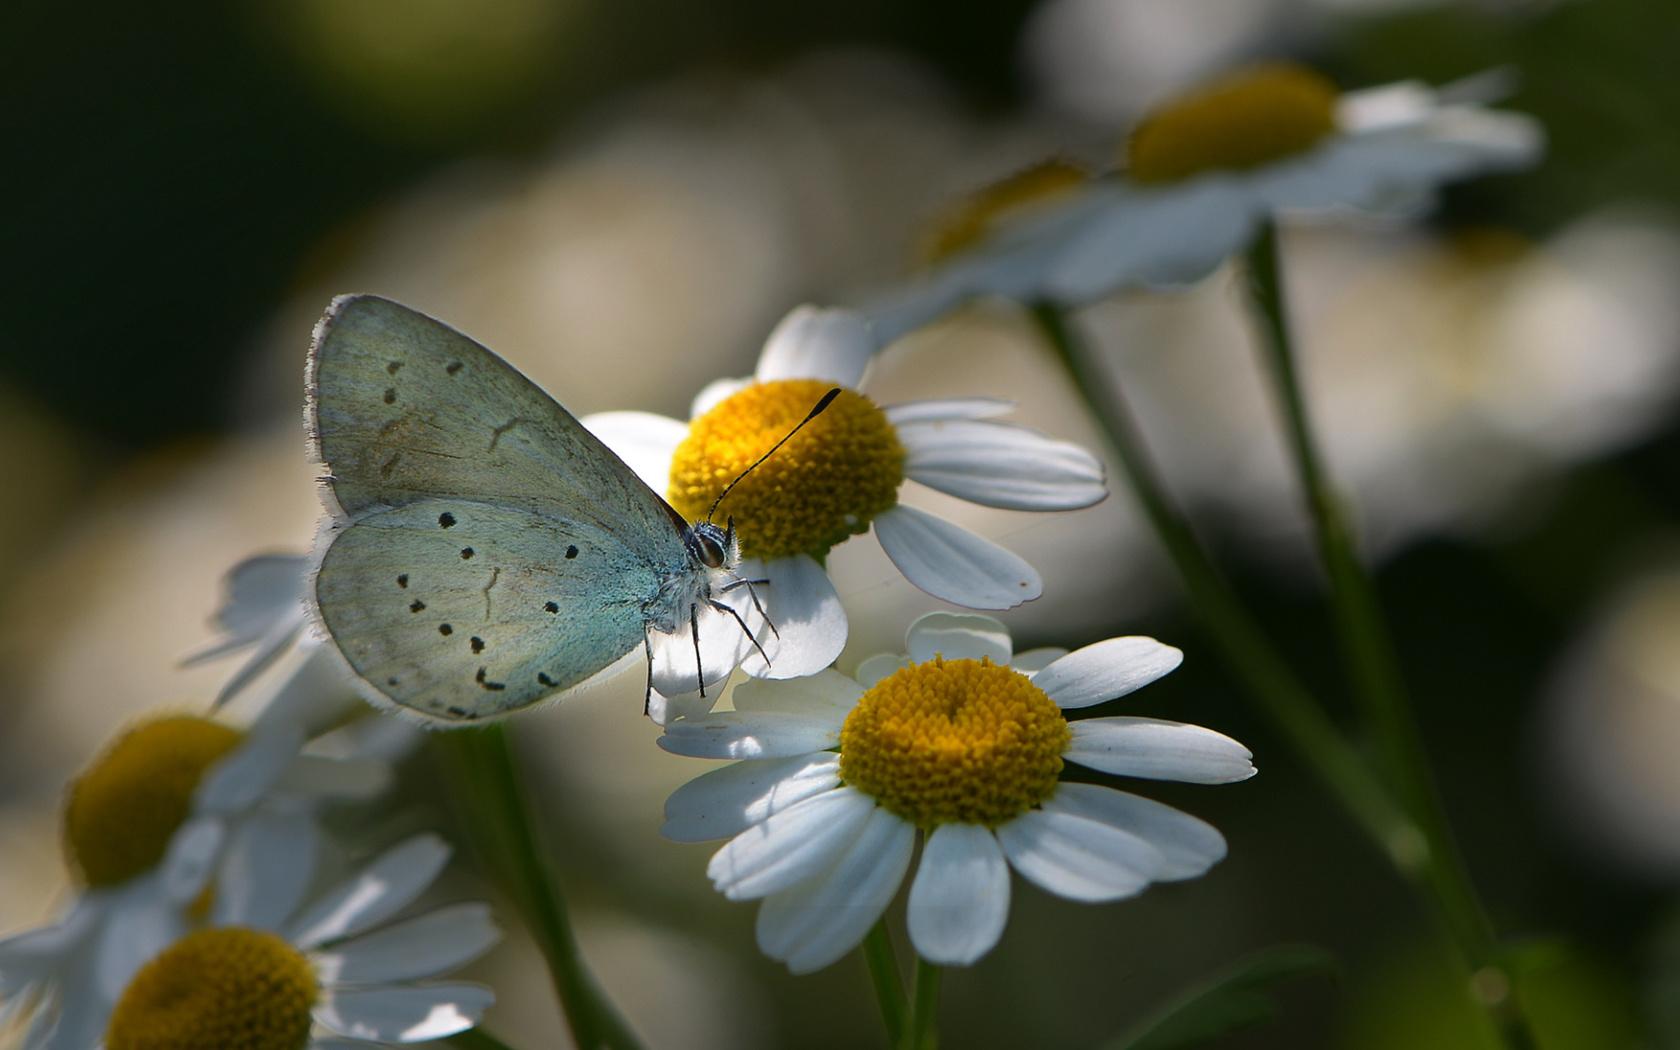 макро, цветы, природа, бабочка, ромашки, насекомое, флора, неля рачкова